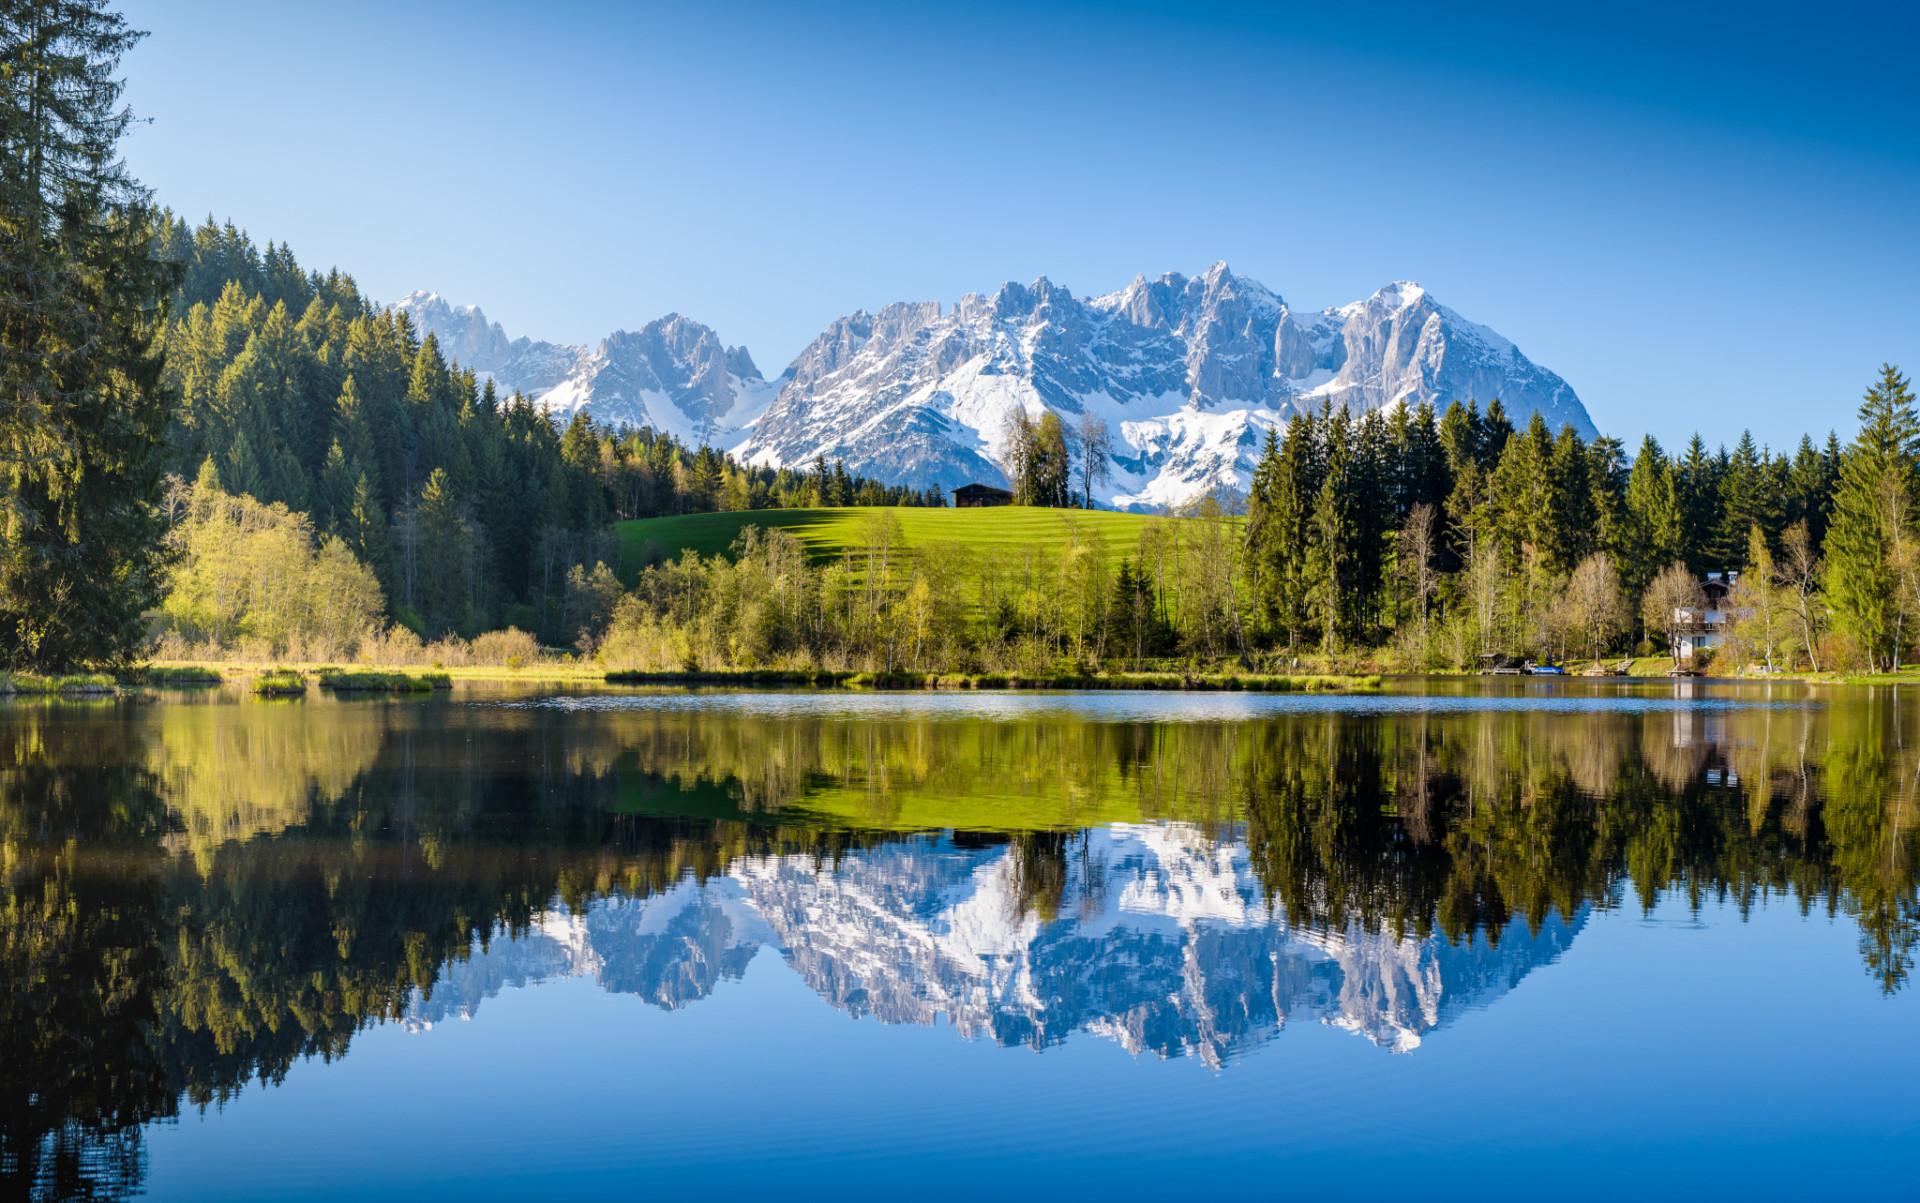 Alpenkulisse beim Camping in Österreich